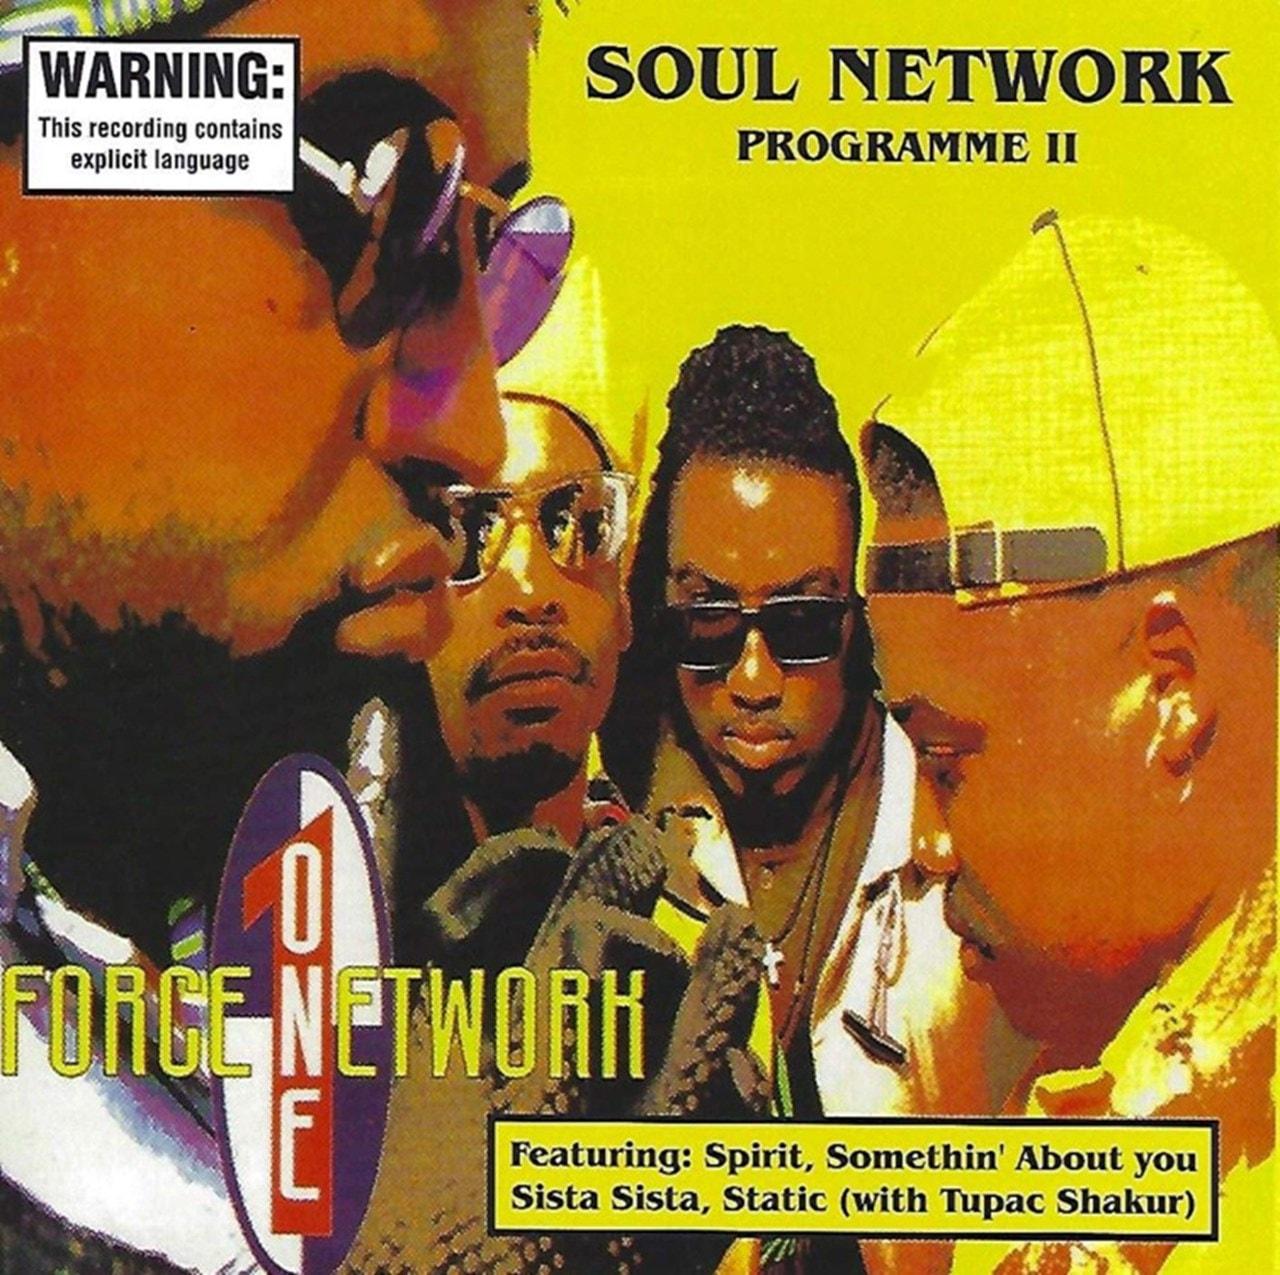 Soul Network Programme II - 1